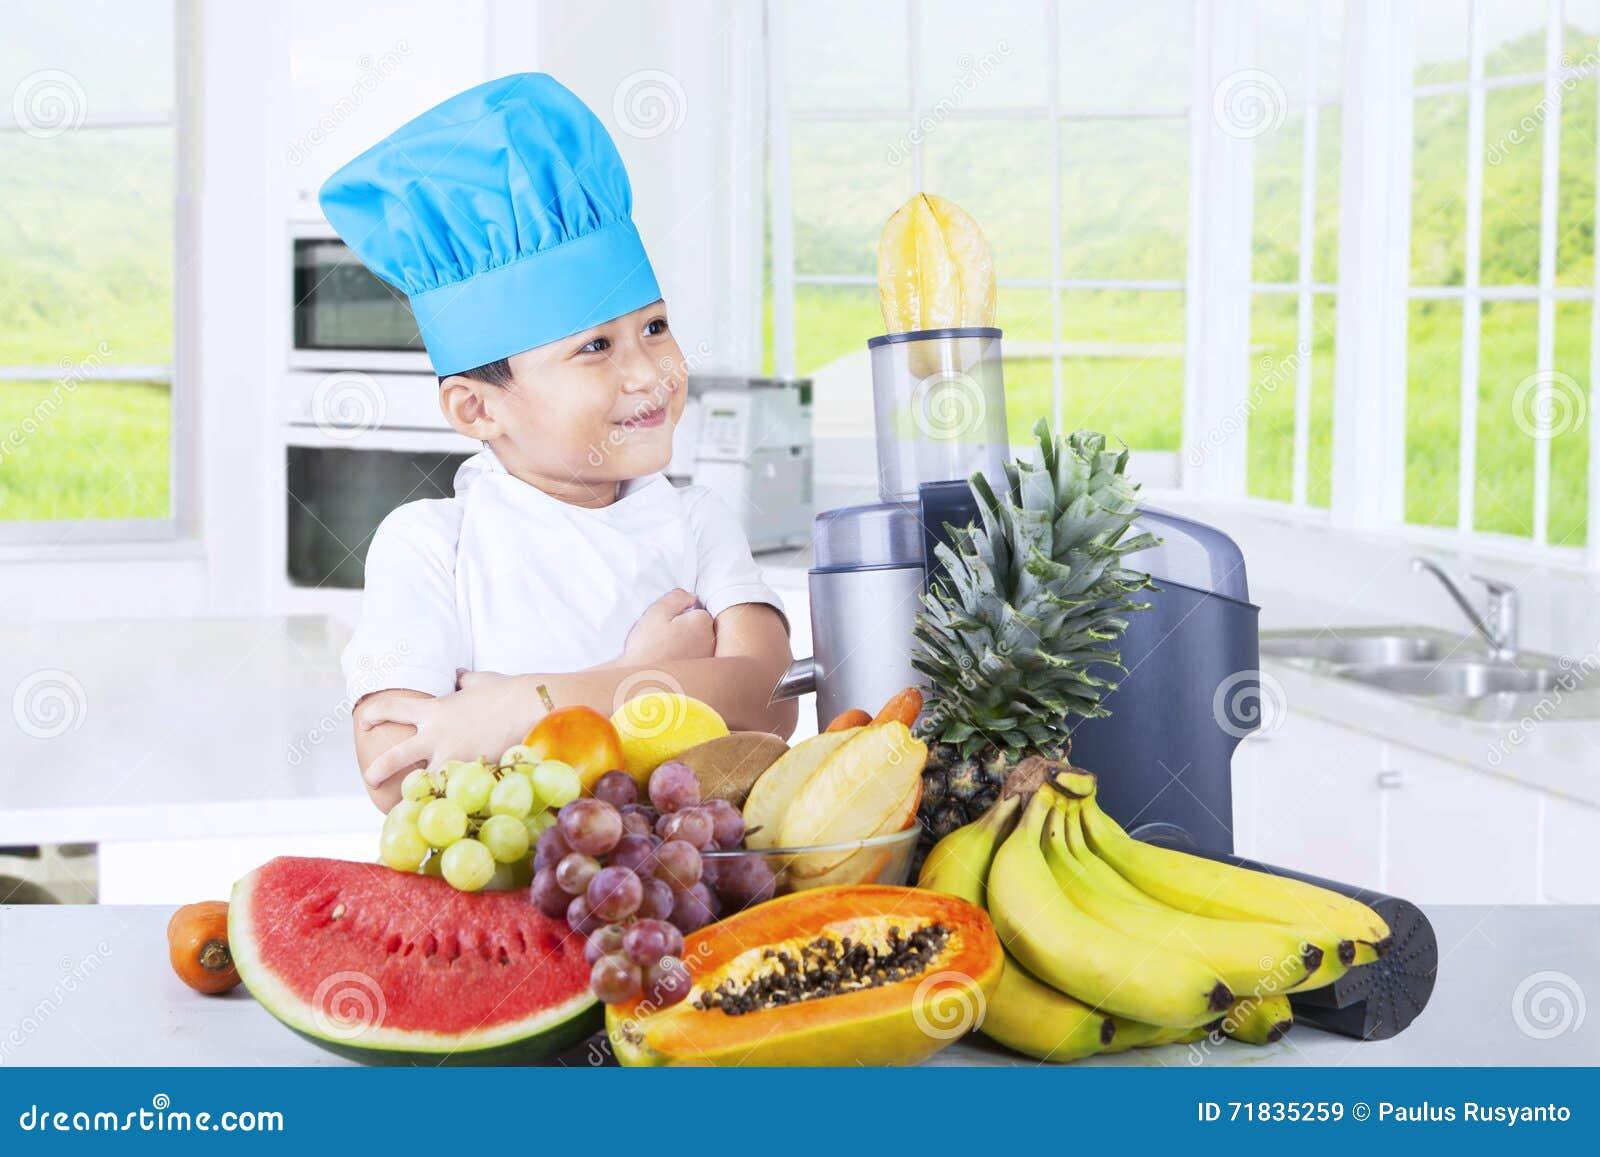 Balanced Diet - Whole Food Based Nutrition | Juice Plus+